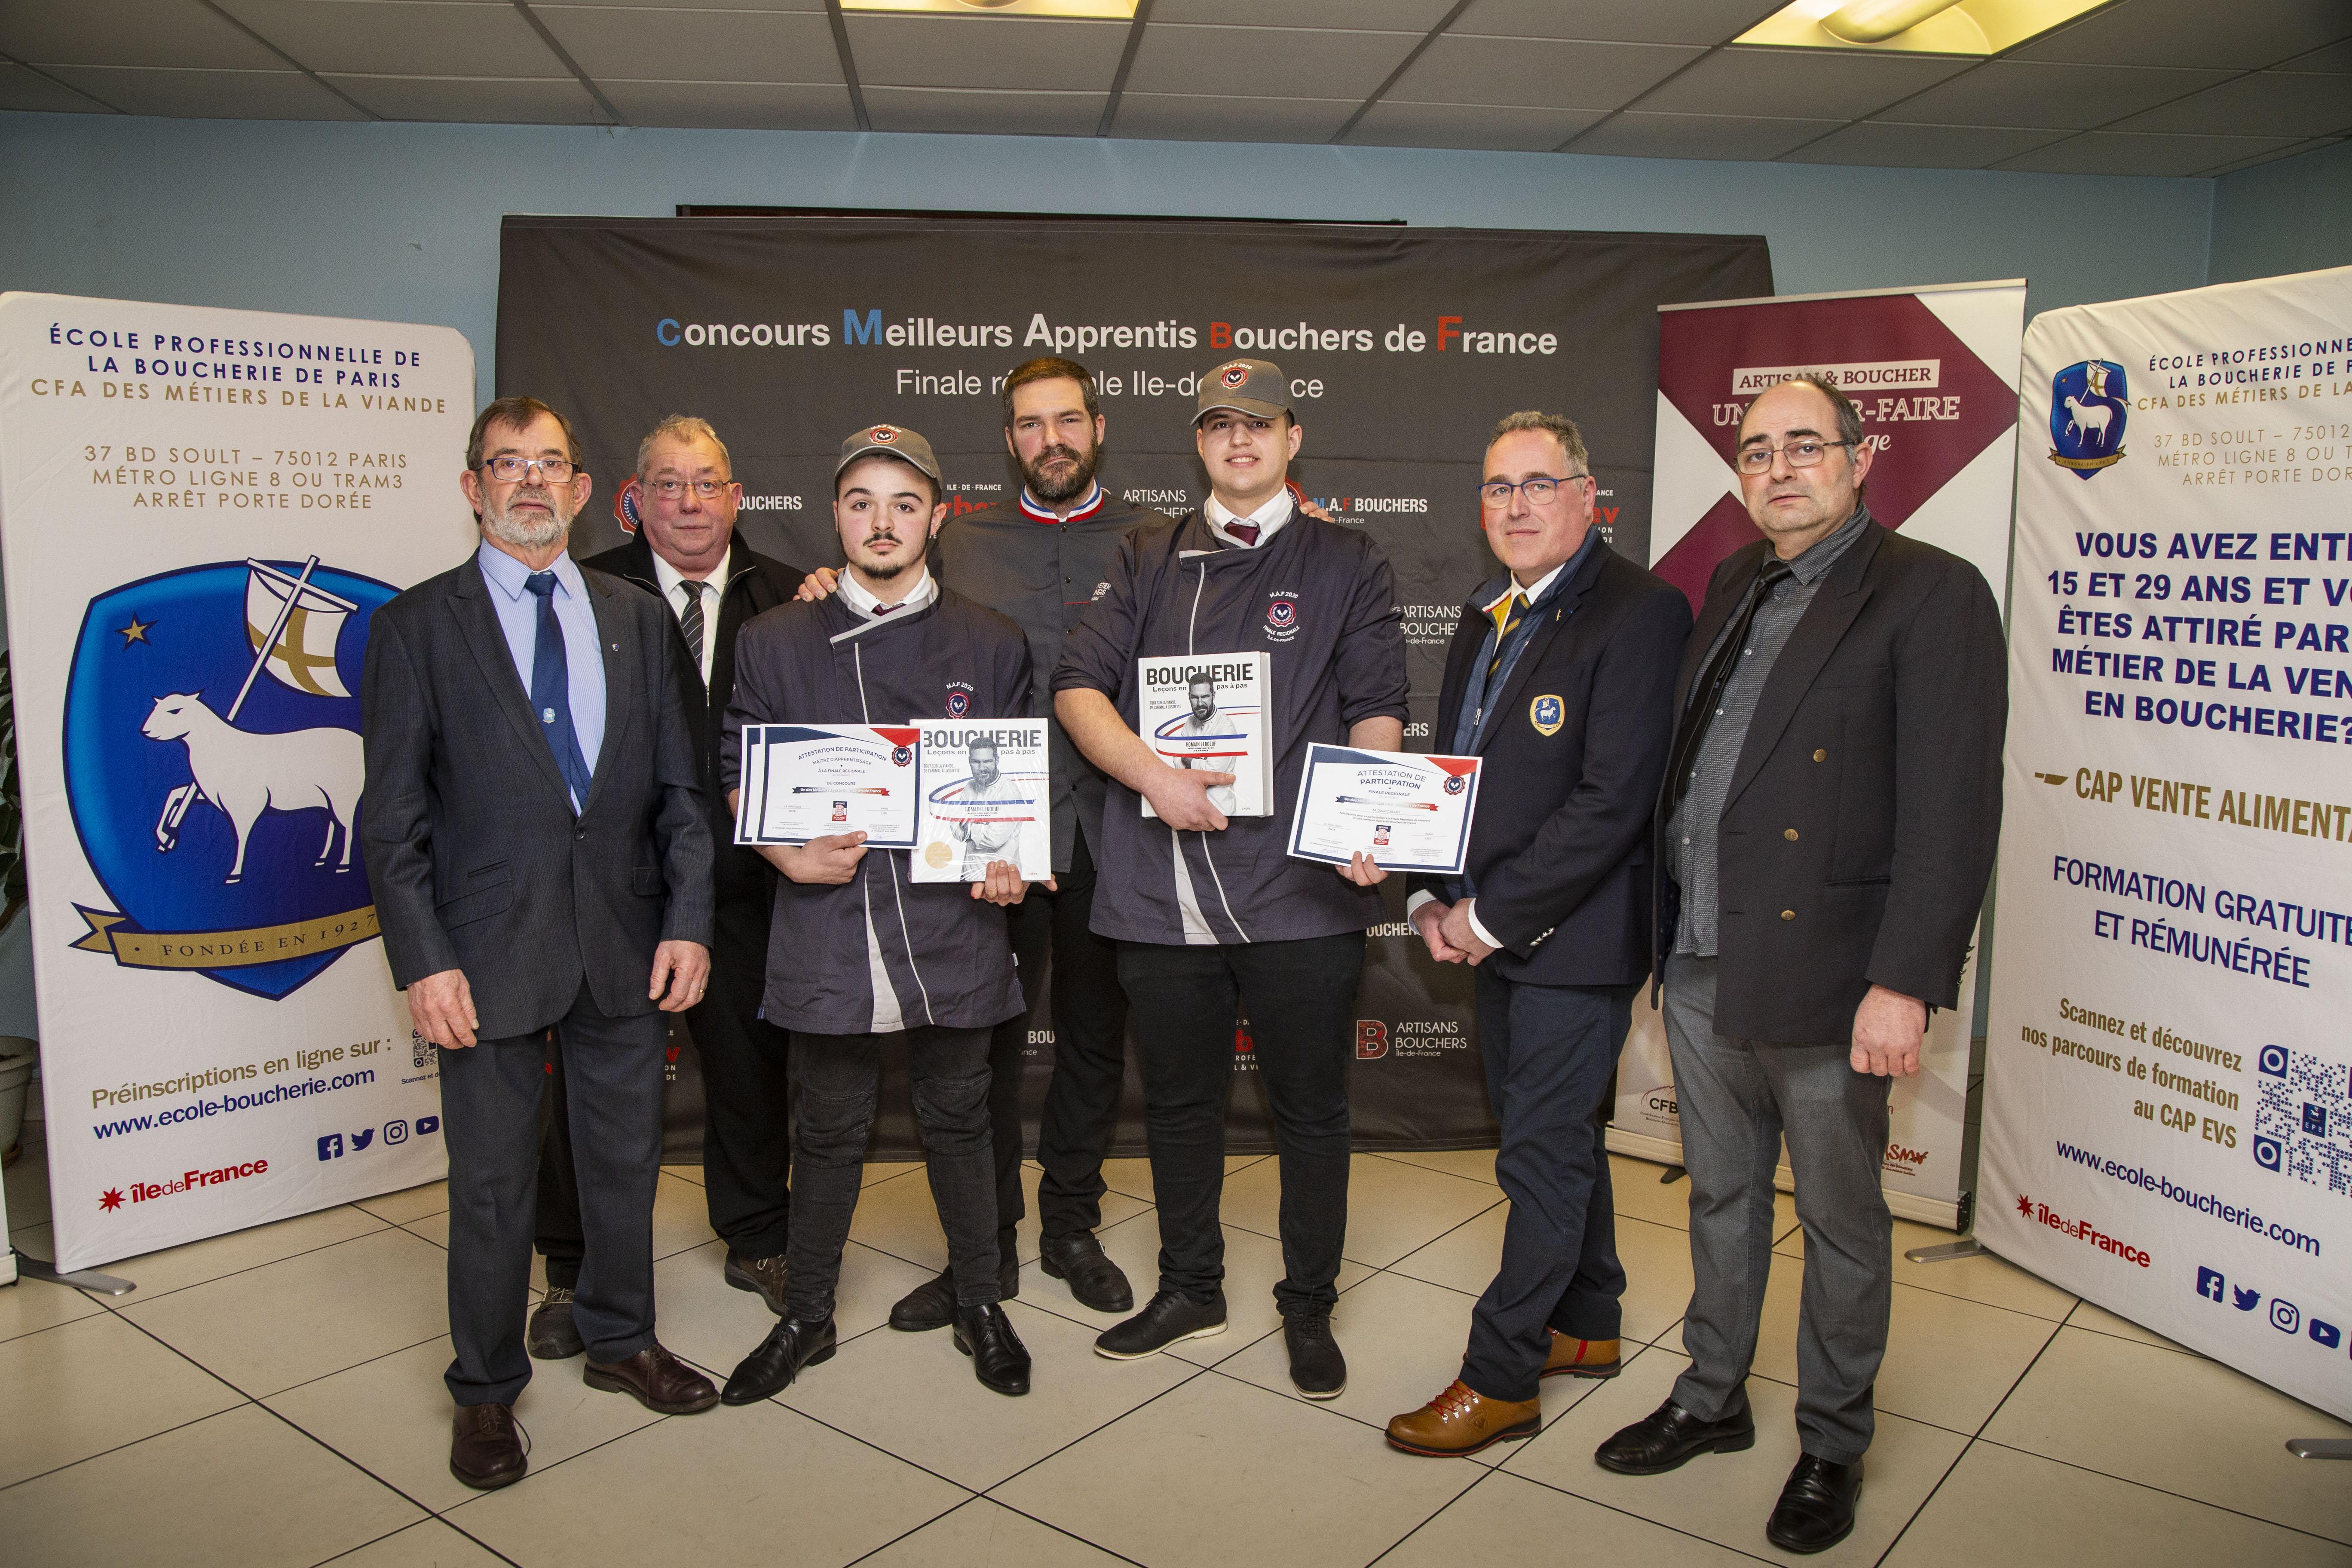 J-2 : Finale Nationale du Concours Un des Meilleurs Apprentis Bouchers de France